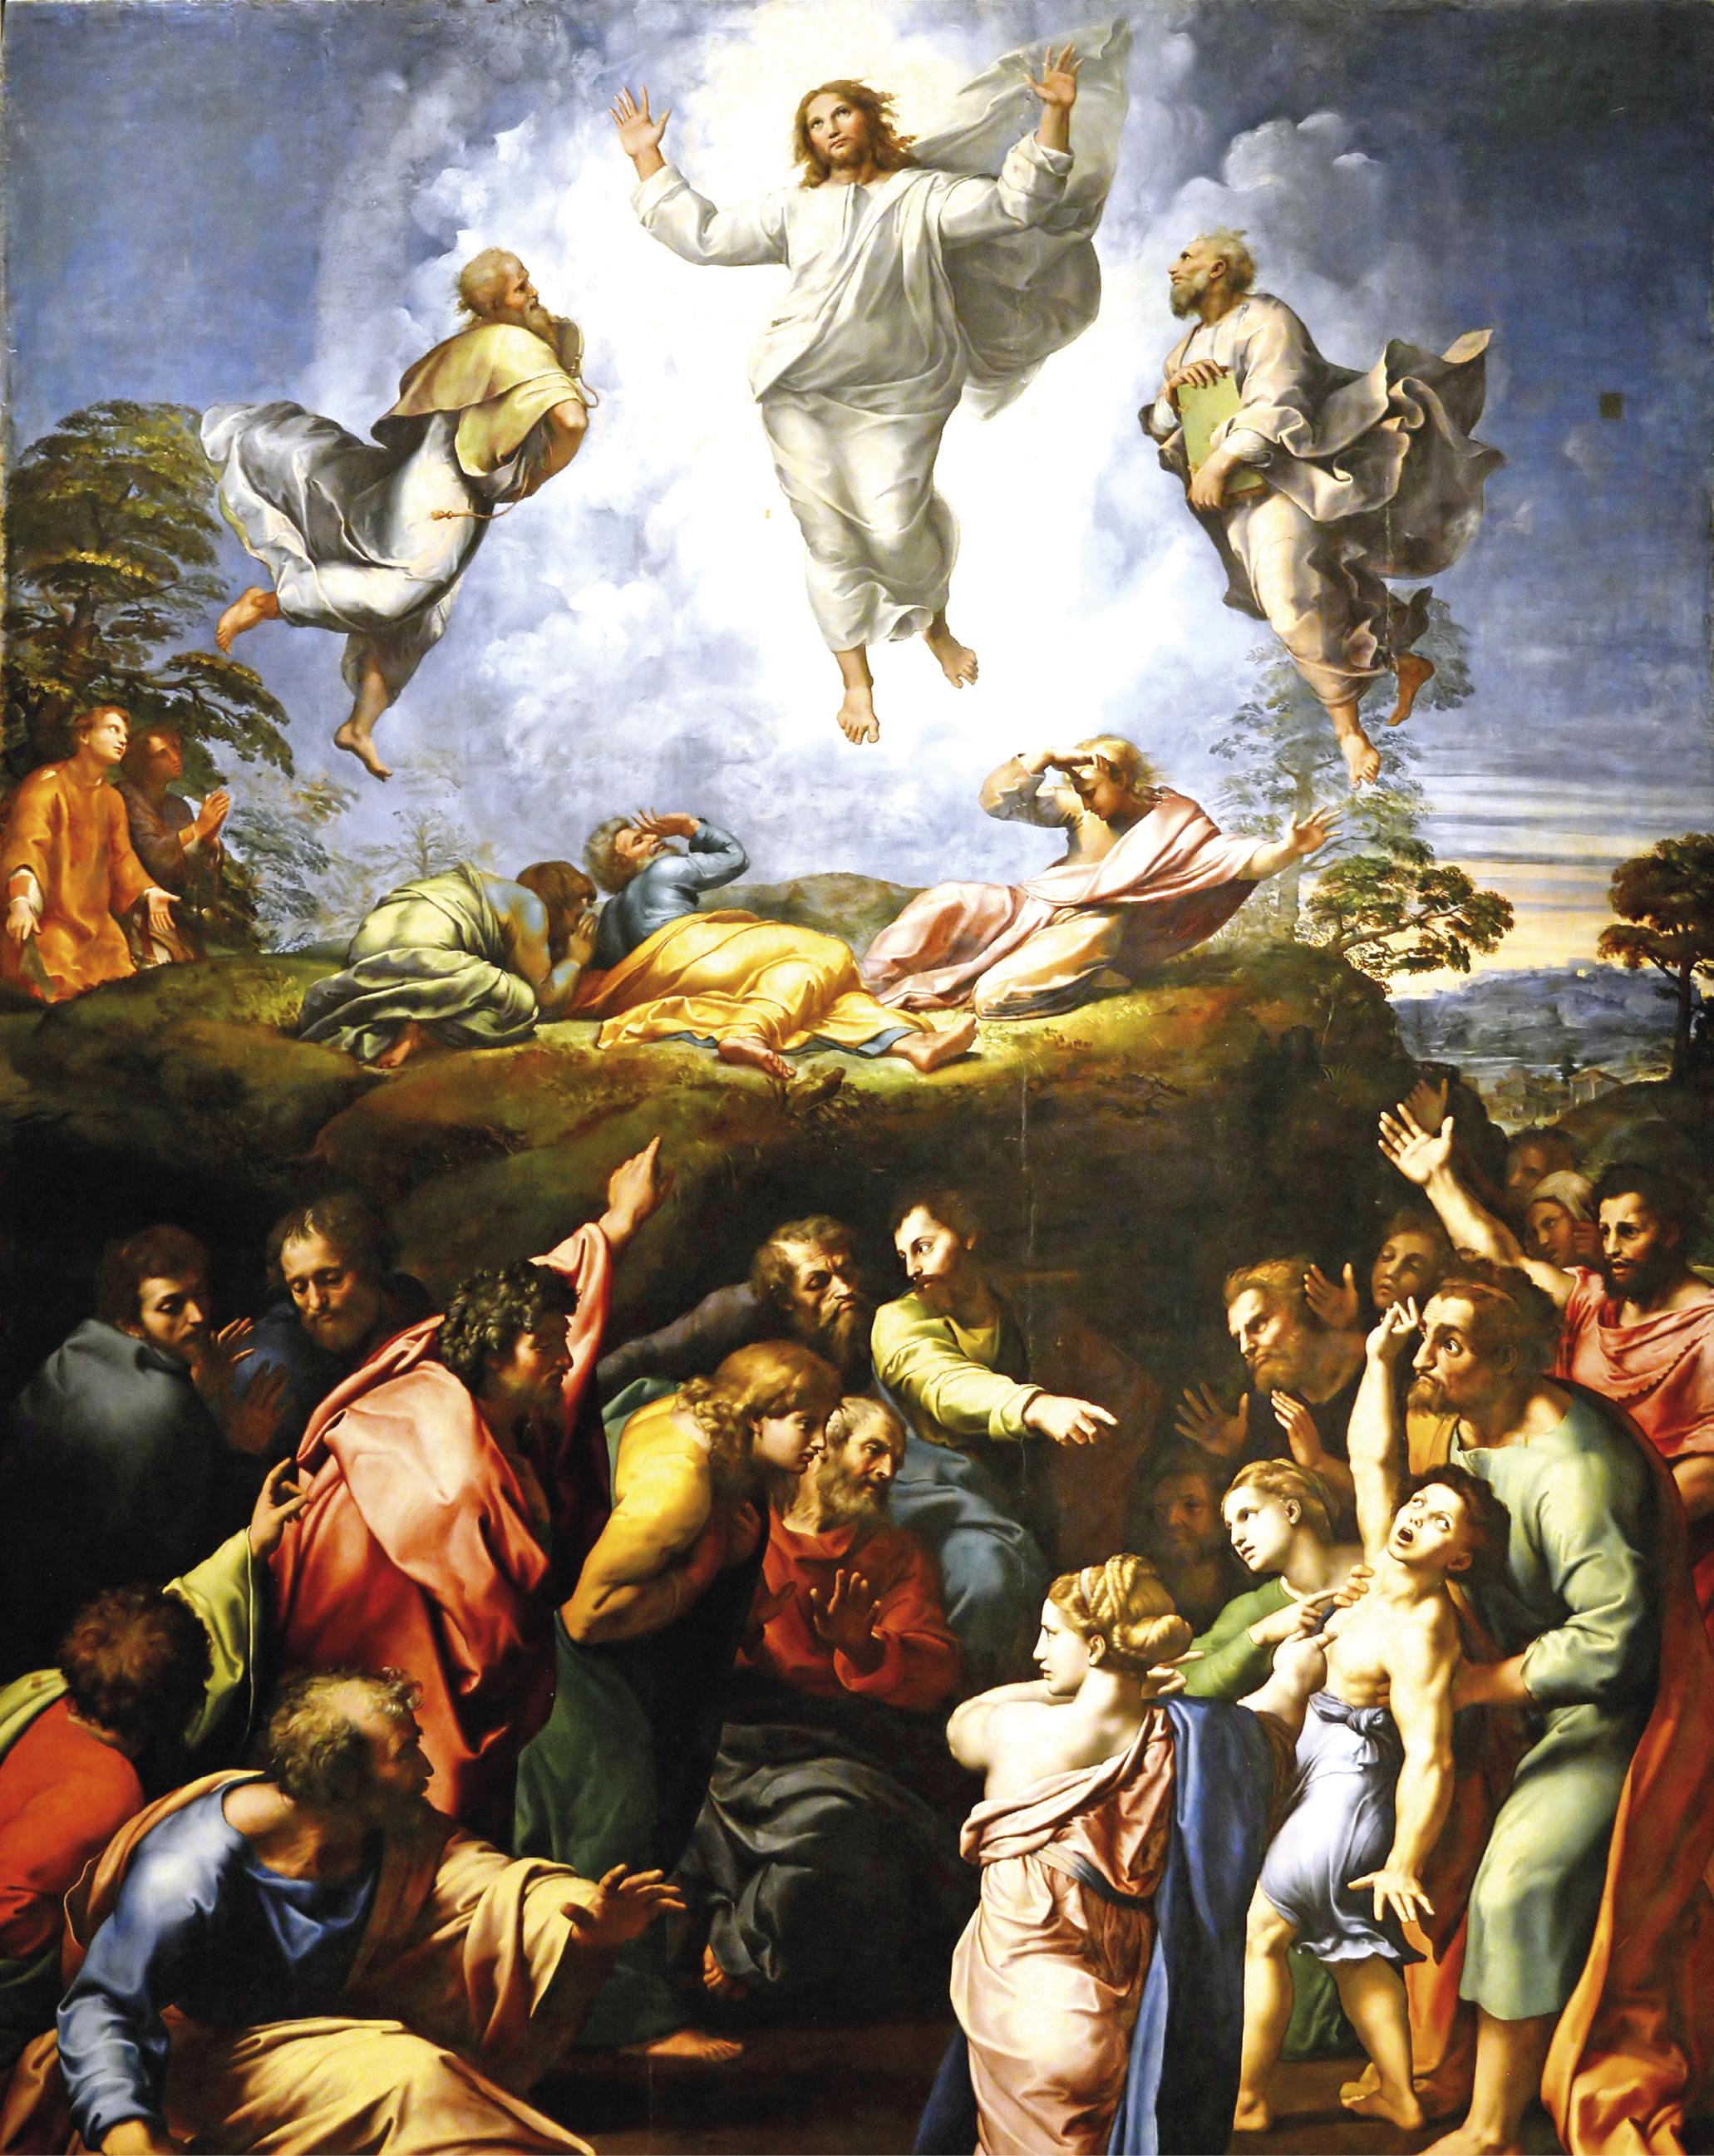 A transfiguração de Jesus. Pintura de Raphael (1443-1520), Pinacoteca dos Museus do Vaticano. Wikimedia Commons.